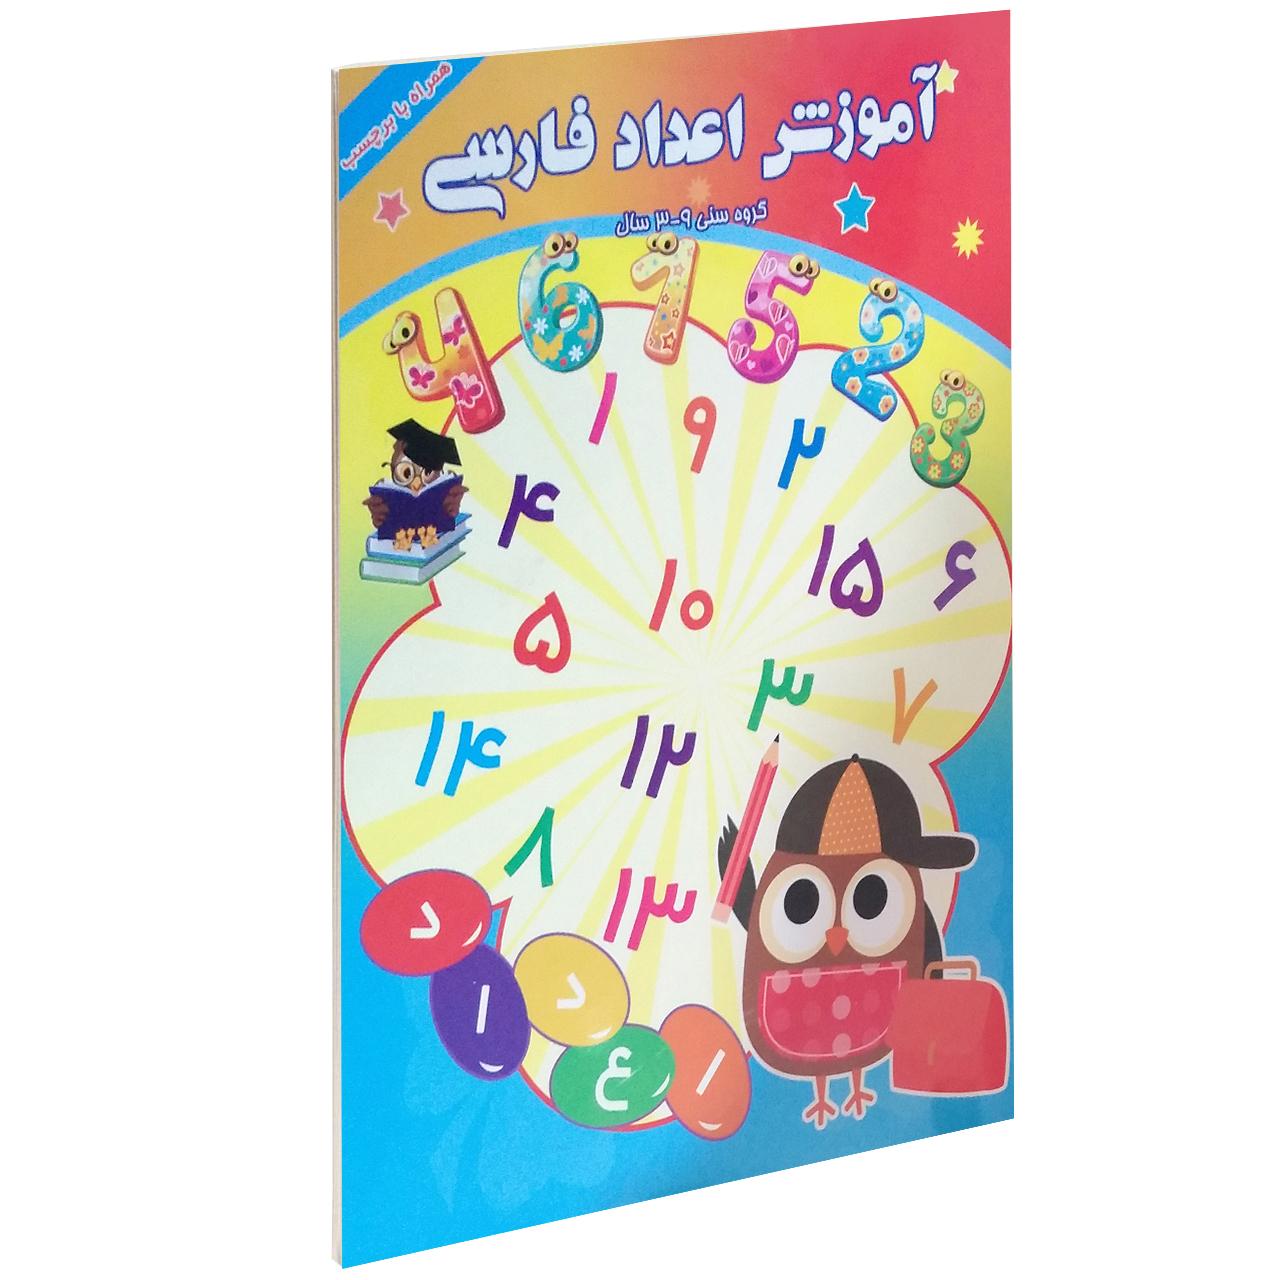 آموزش اعداد فارسی همراه با برچسب اثر زهرا مرادی